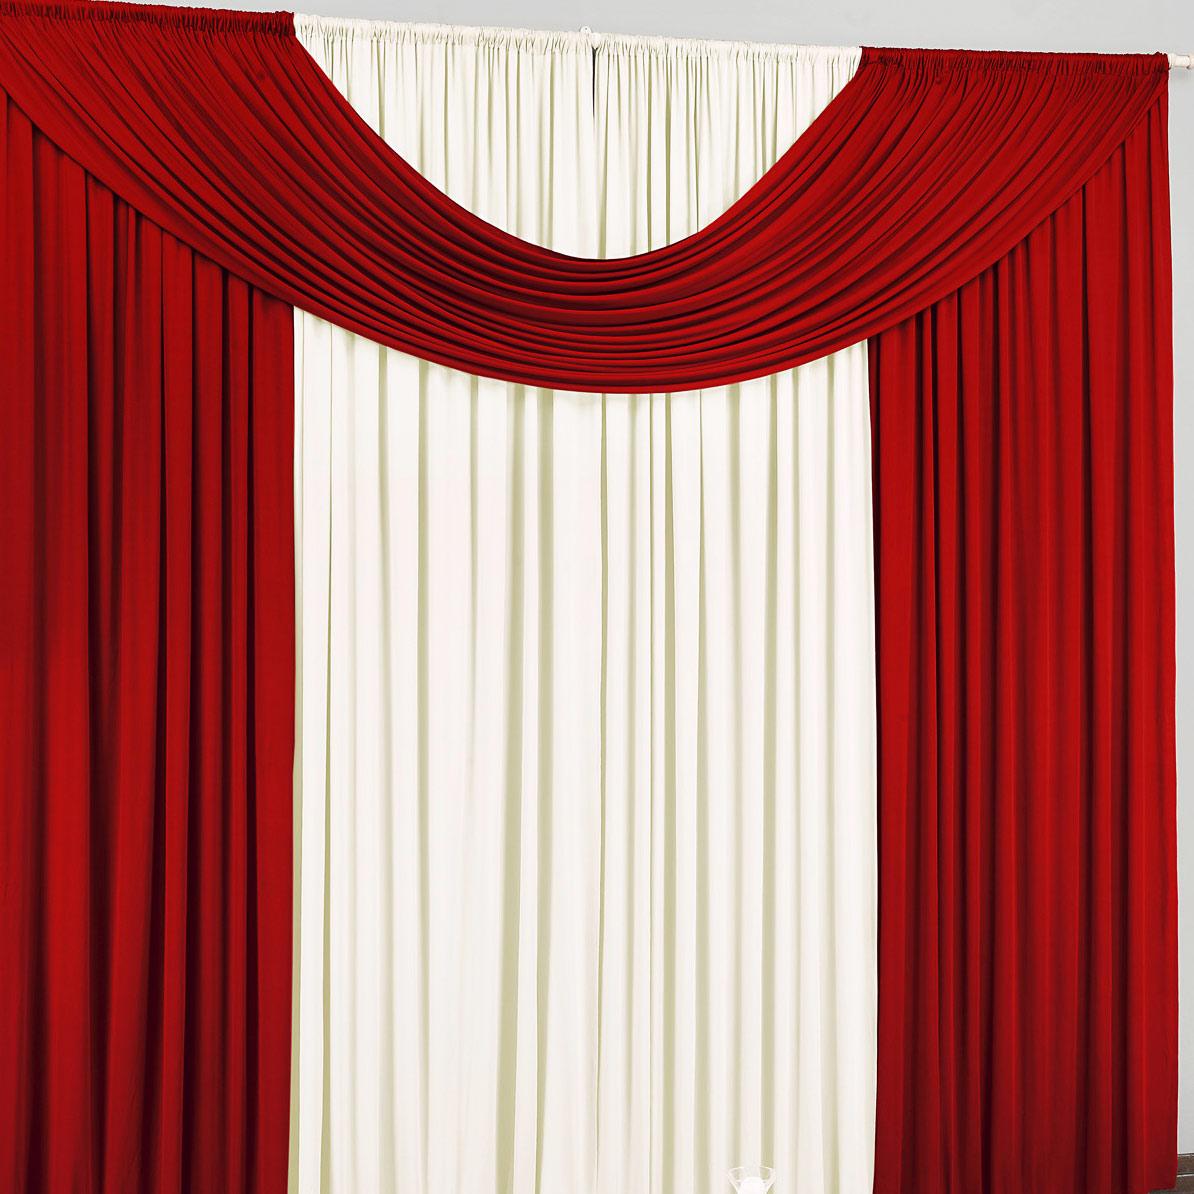 Cortina de Sala ou Quarto 2 metros Palha / Vermelho com 1 peças tecido Malha - Cortina Cristal